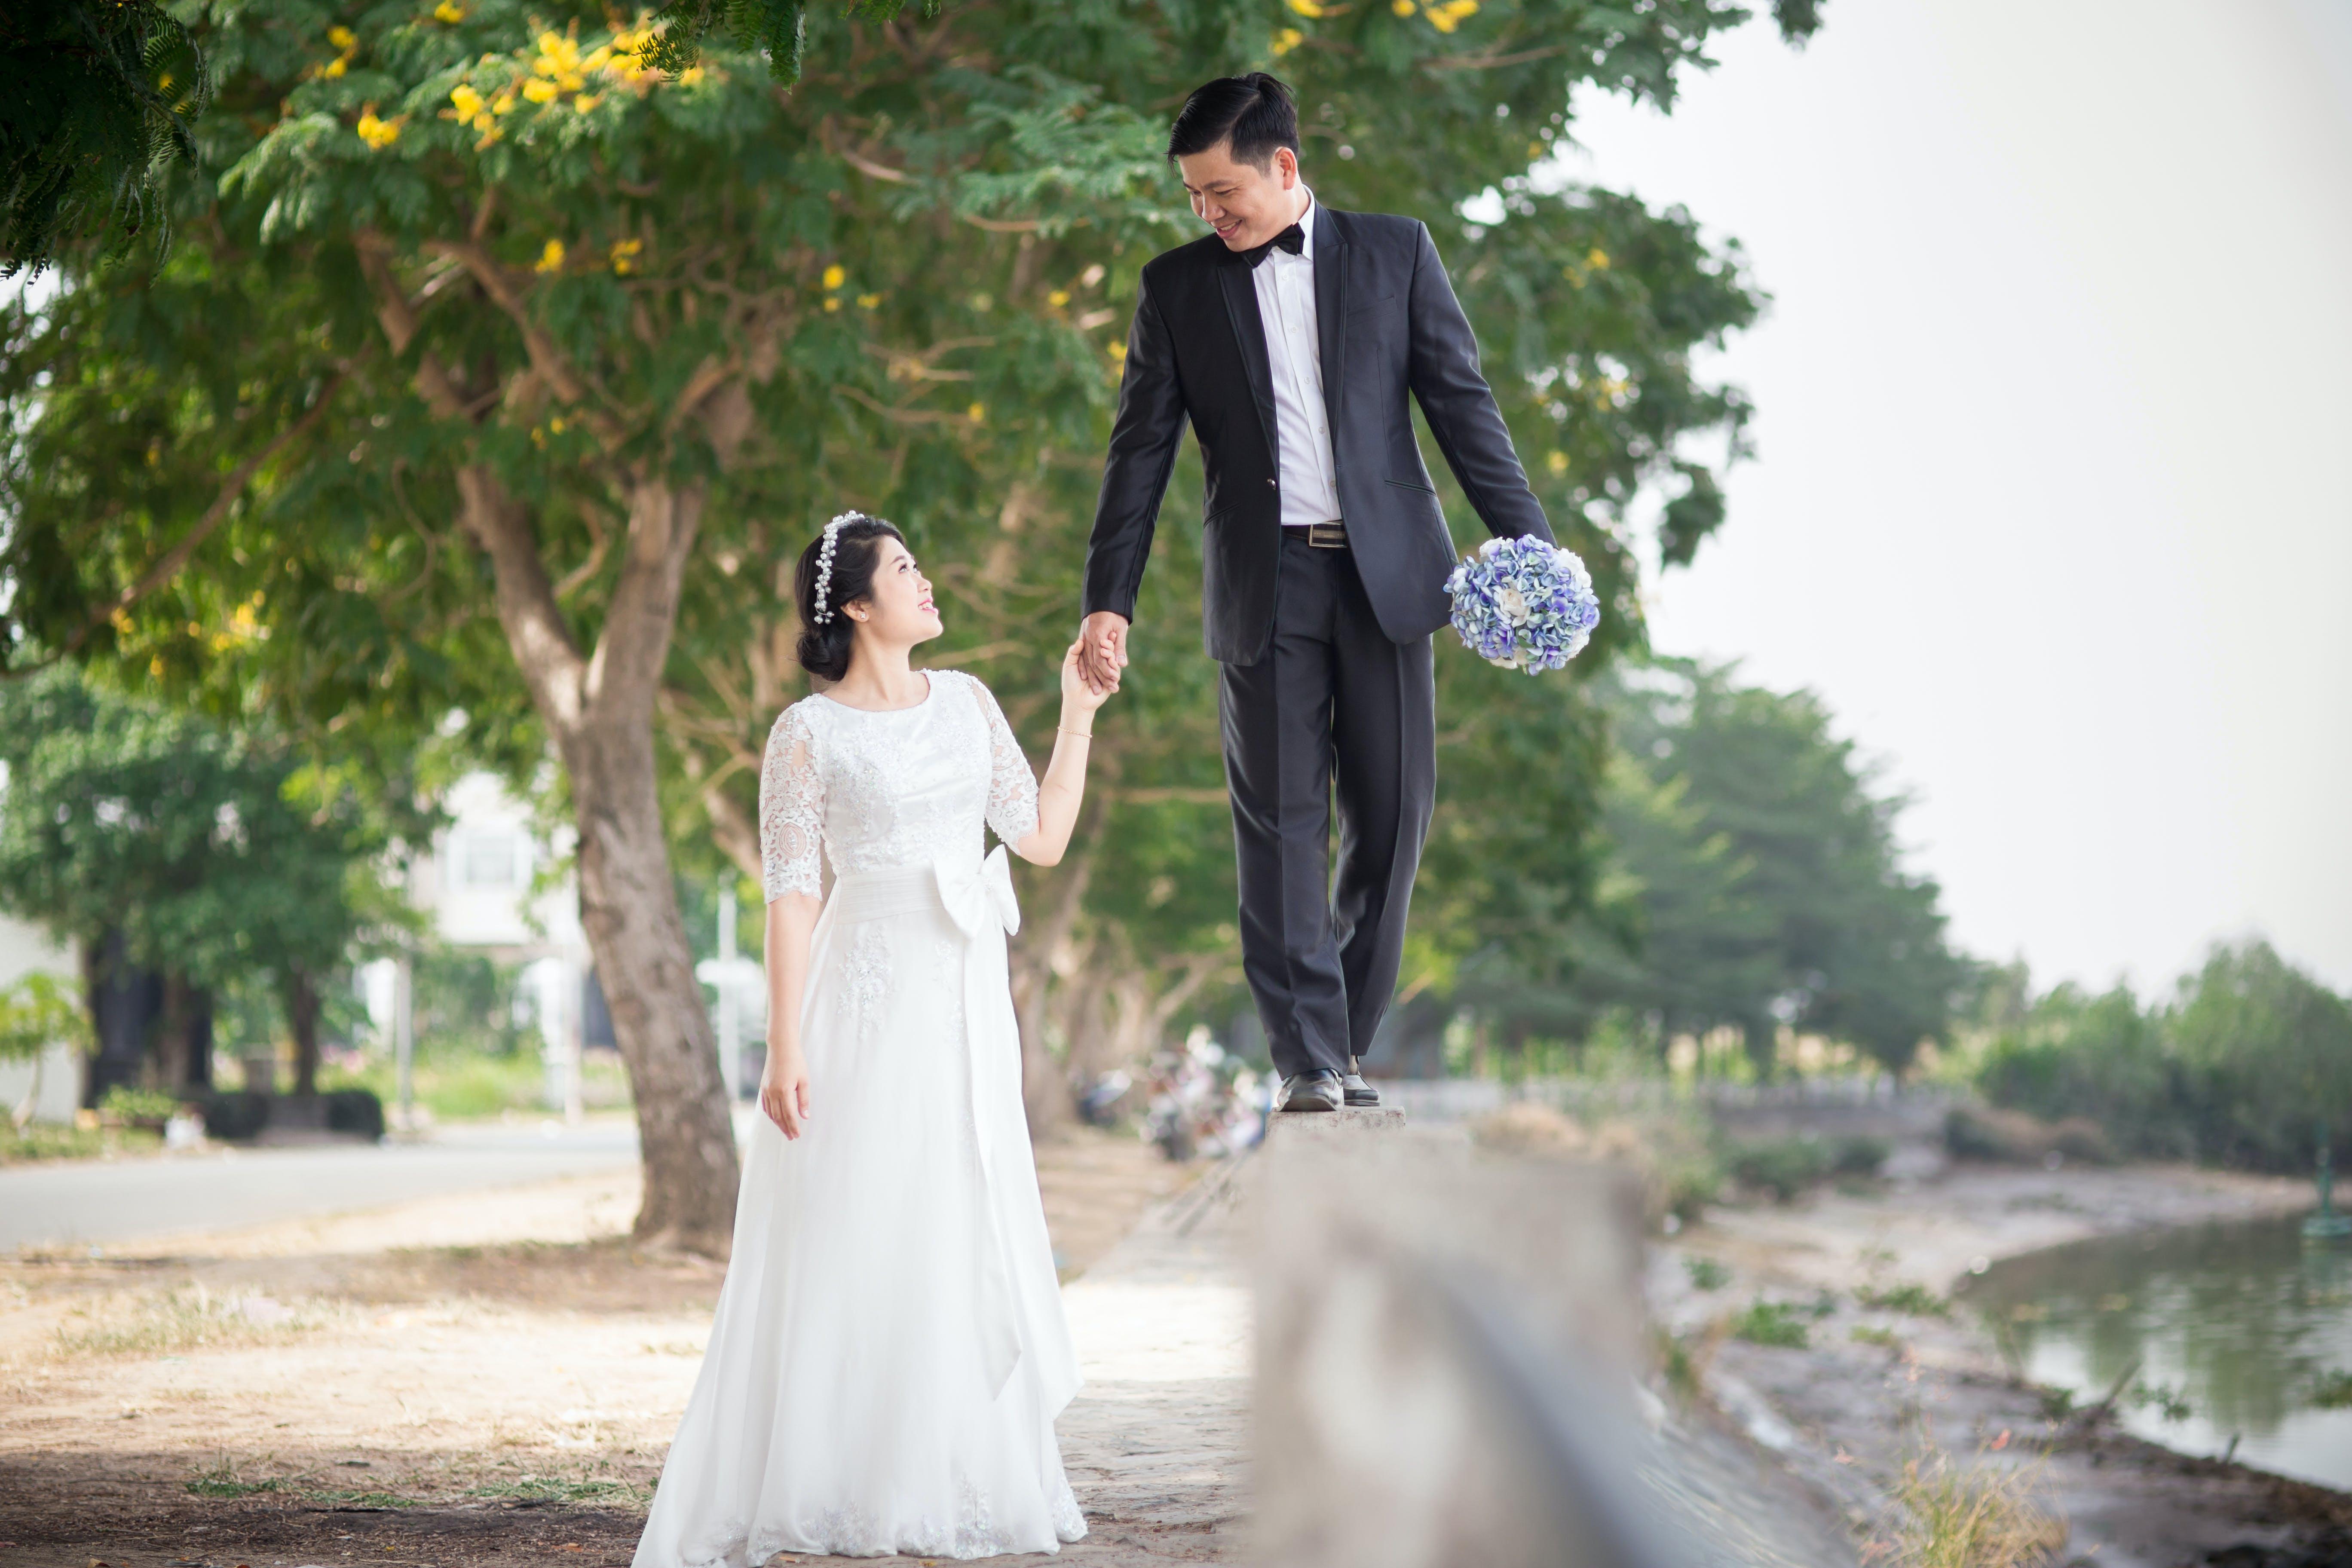 Kostenloses Stock Foto zu blumenstrauß, braut, braut und bräutigam, bräutigam